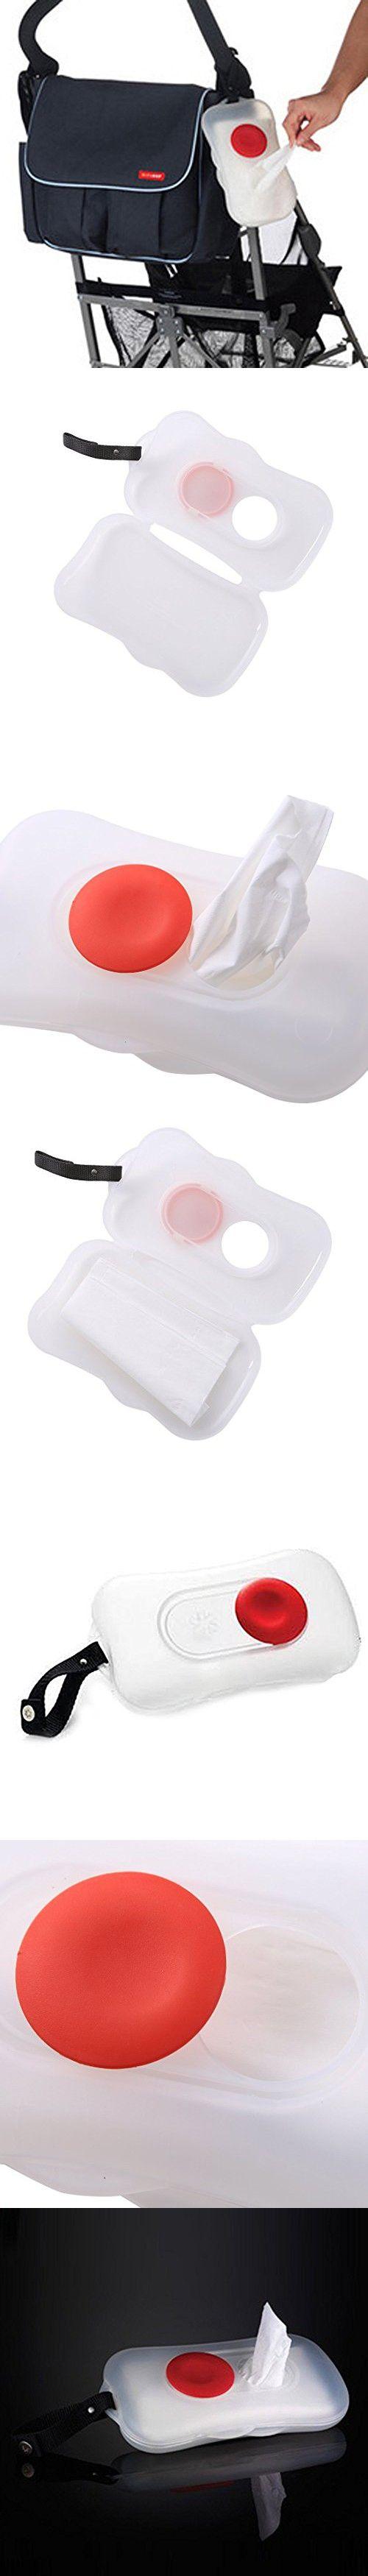 Portable Baby Wet Wipes Box Wet Tissue Case Carrier Dispenser